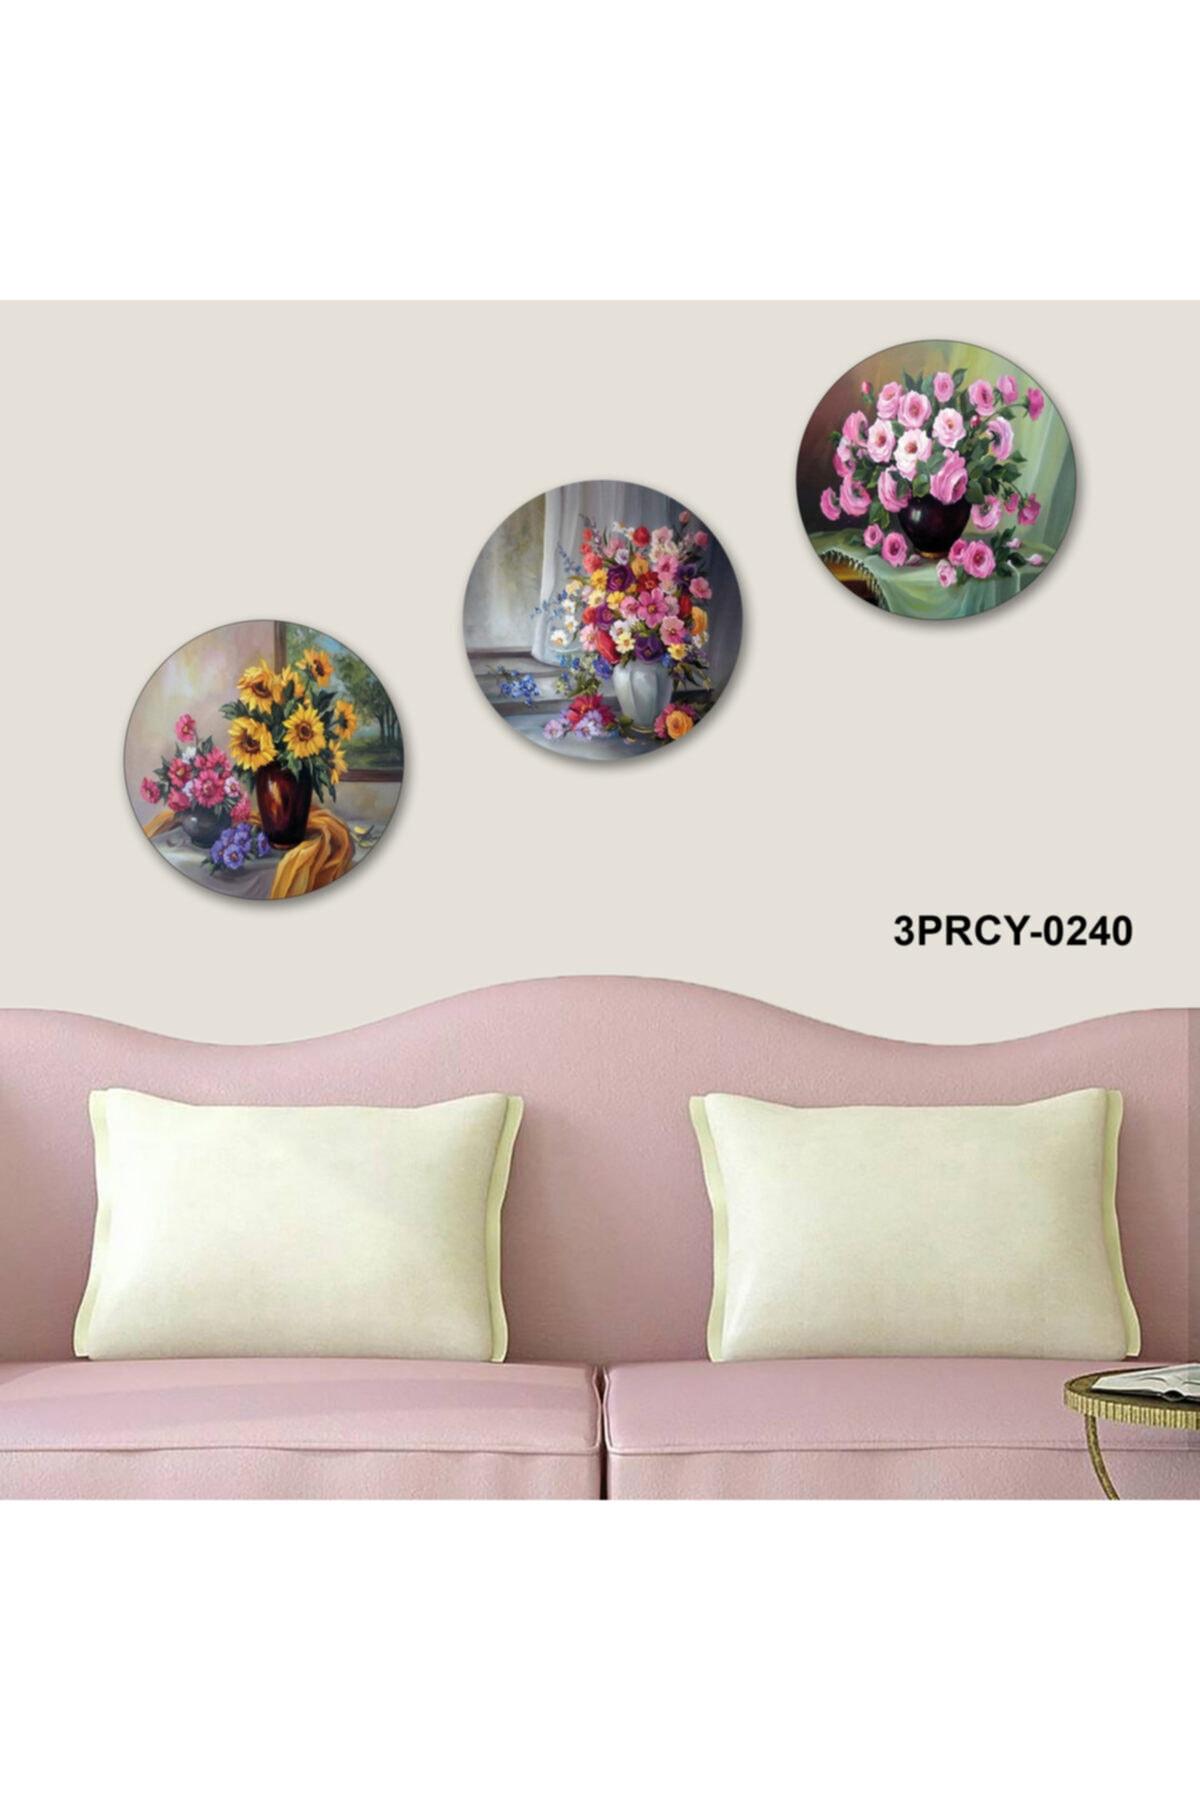 3 Parça Mdf Tablo - 3PRCY-0240